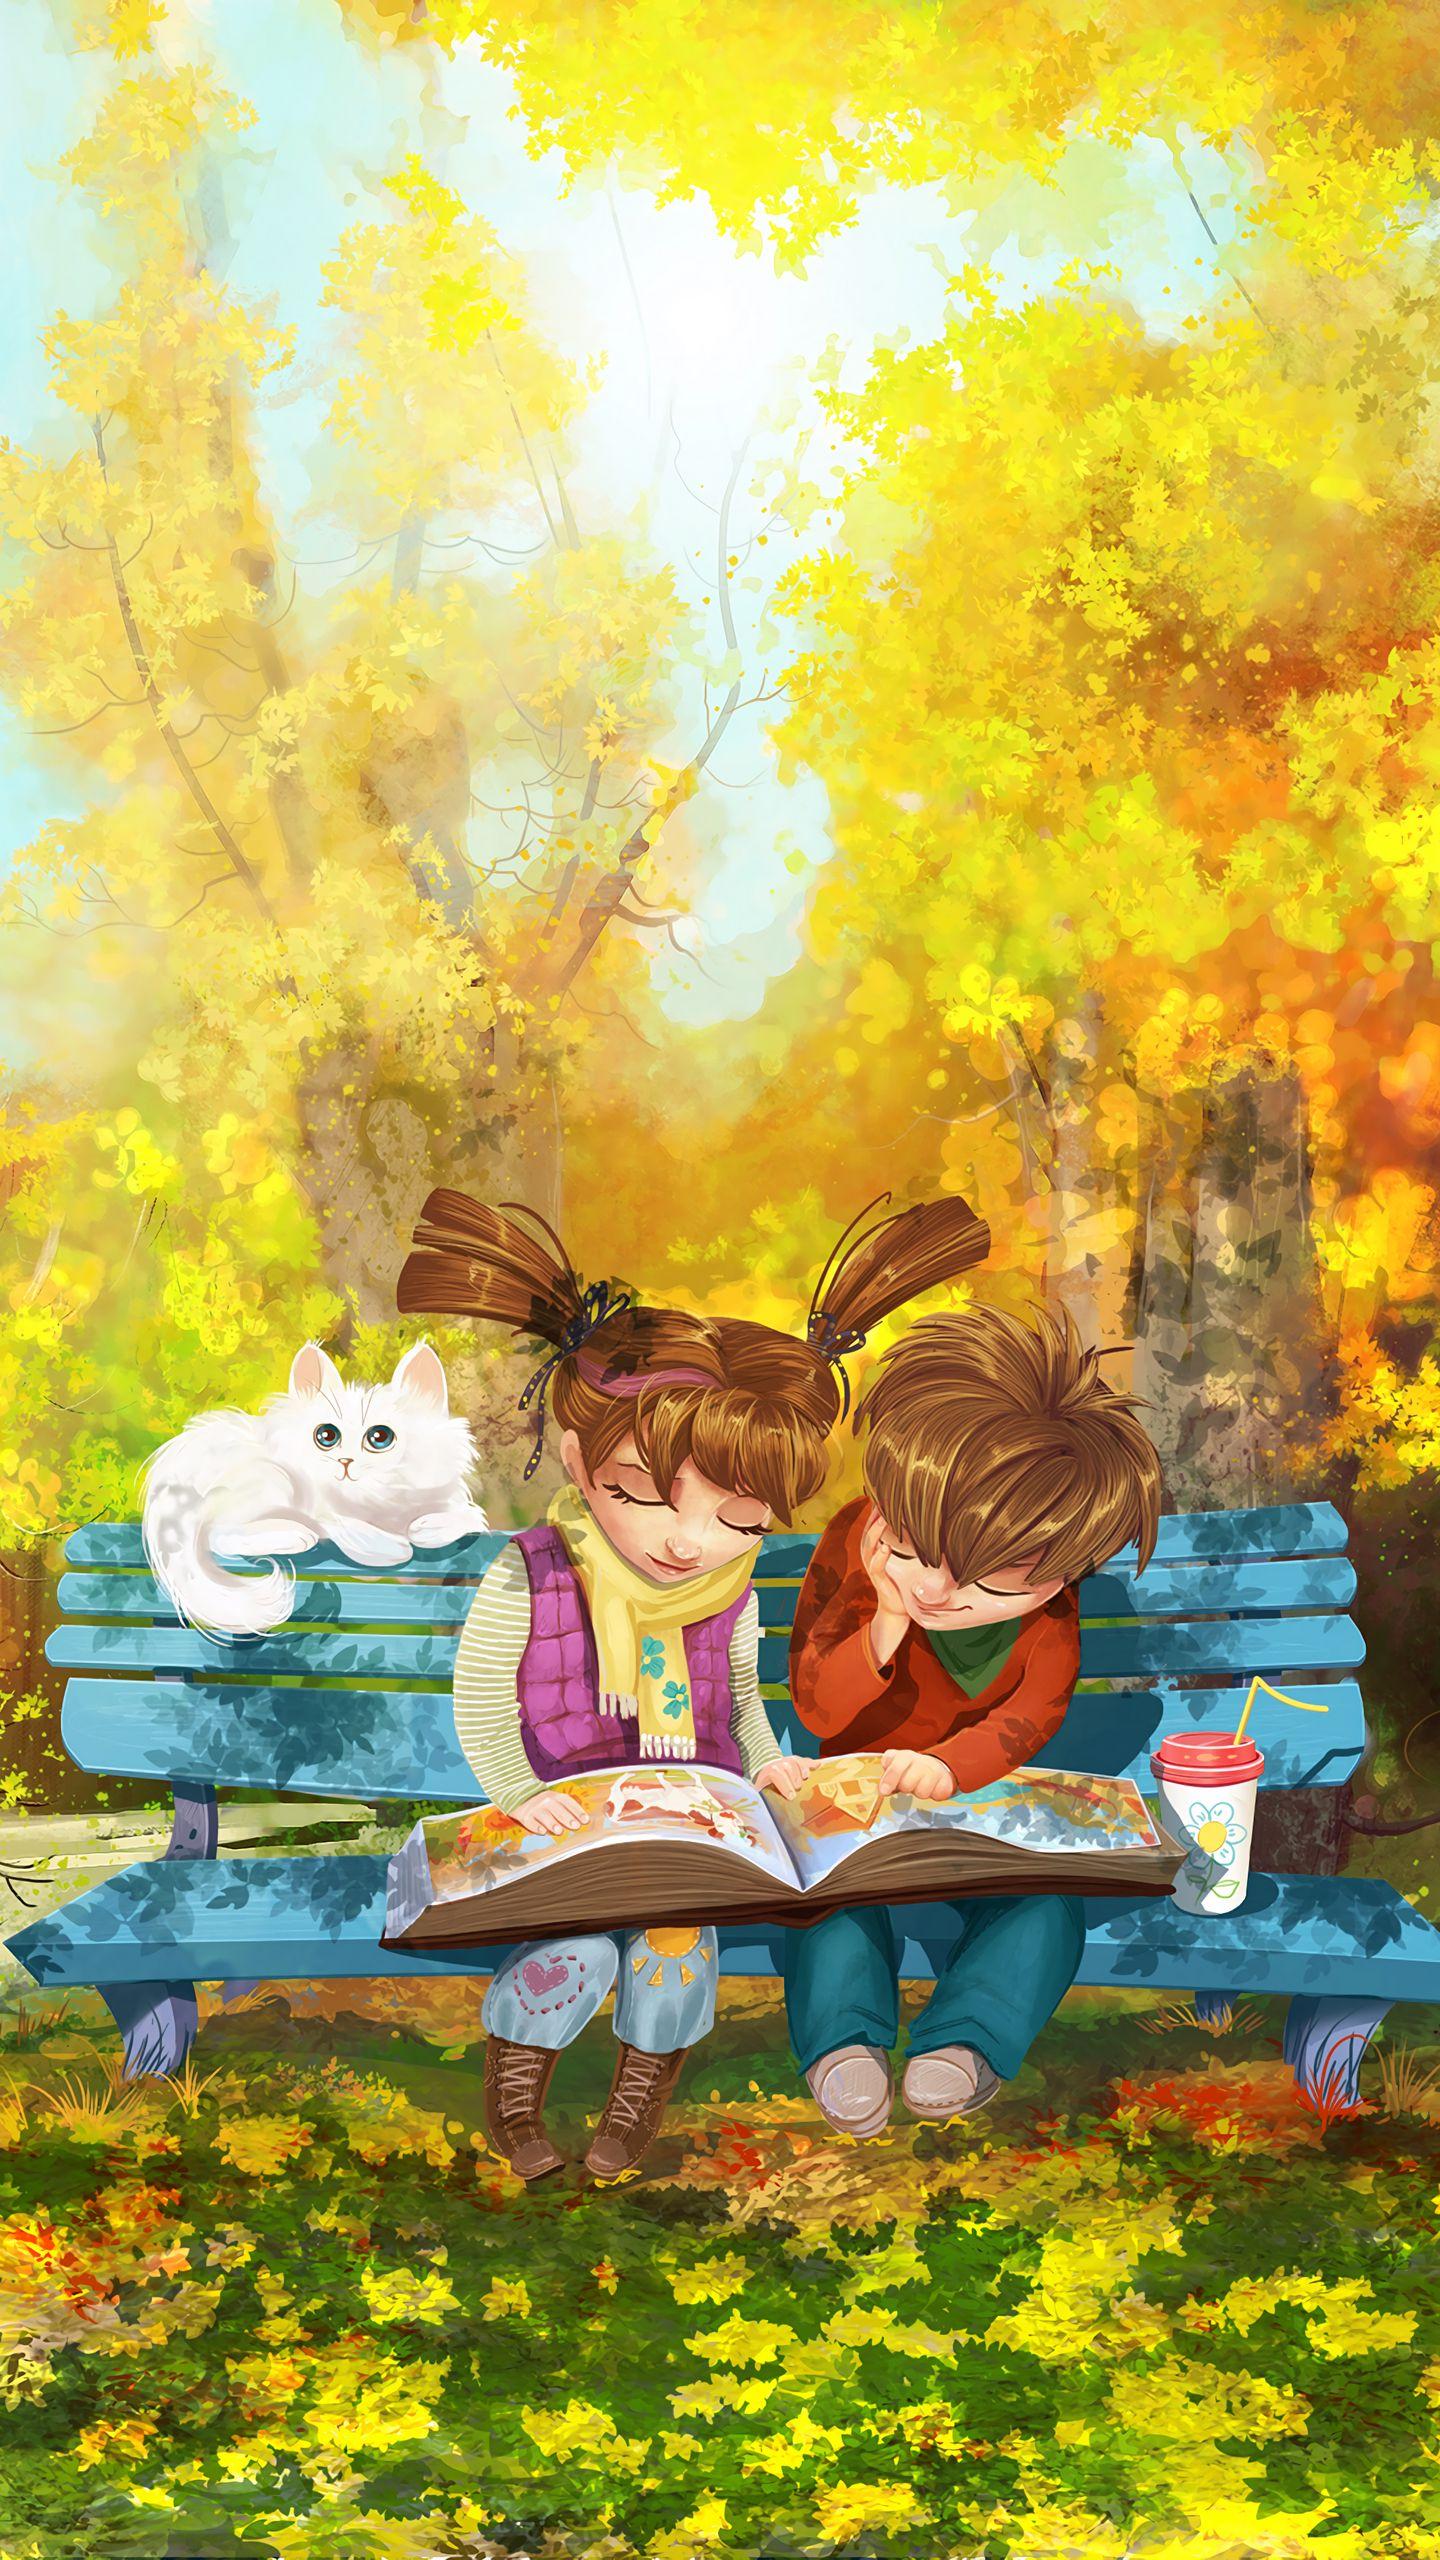 1440x2560 Wallpaper boy, girl, cat, bench, park, cute